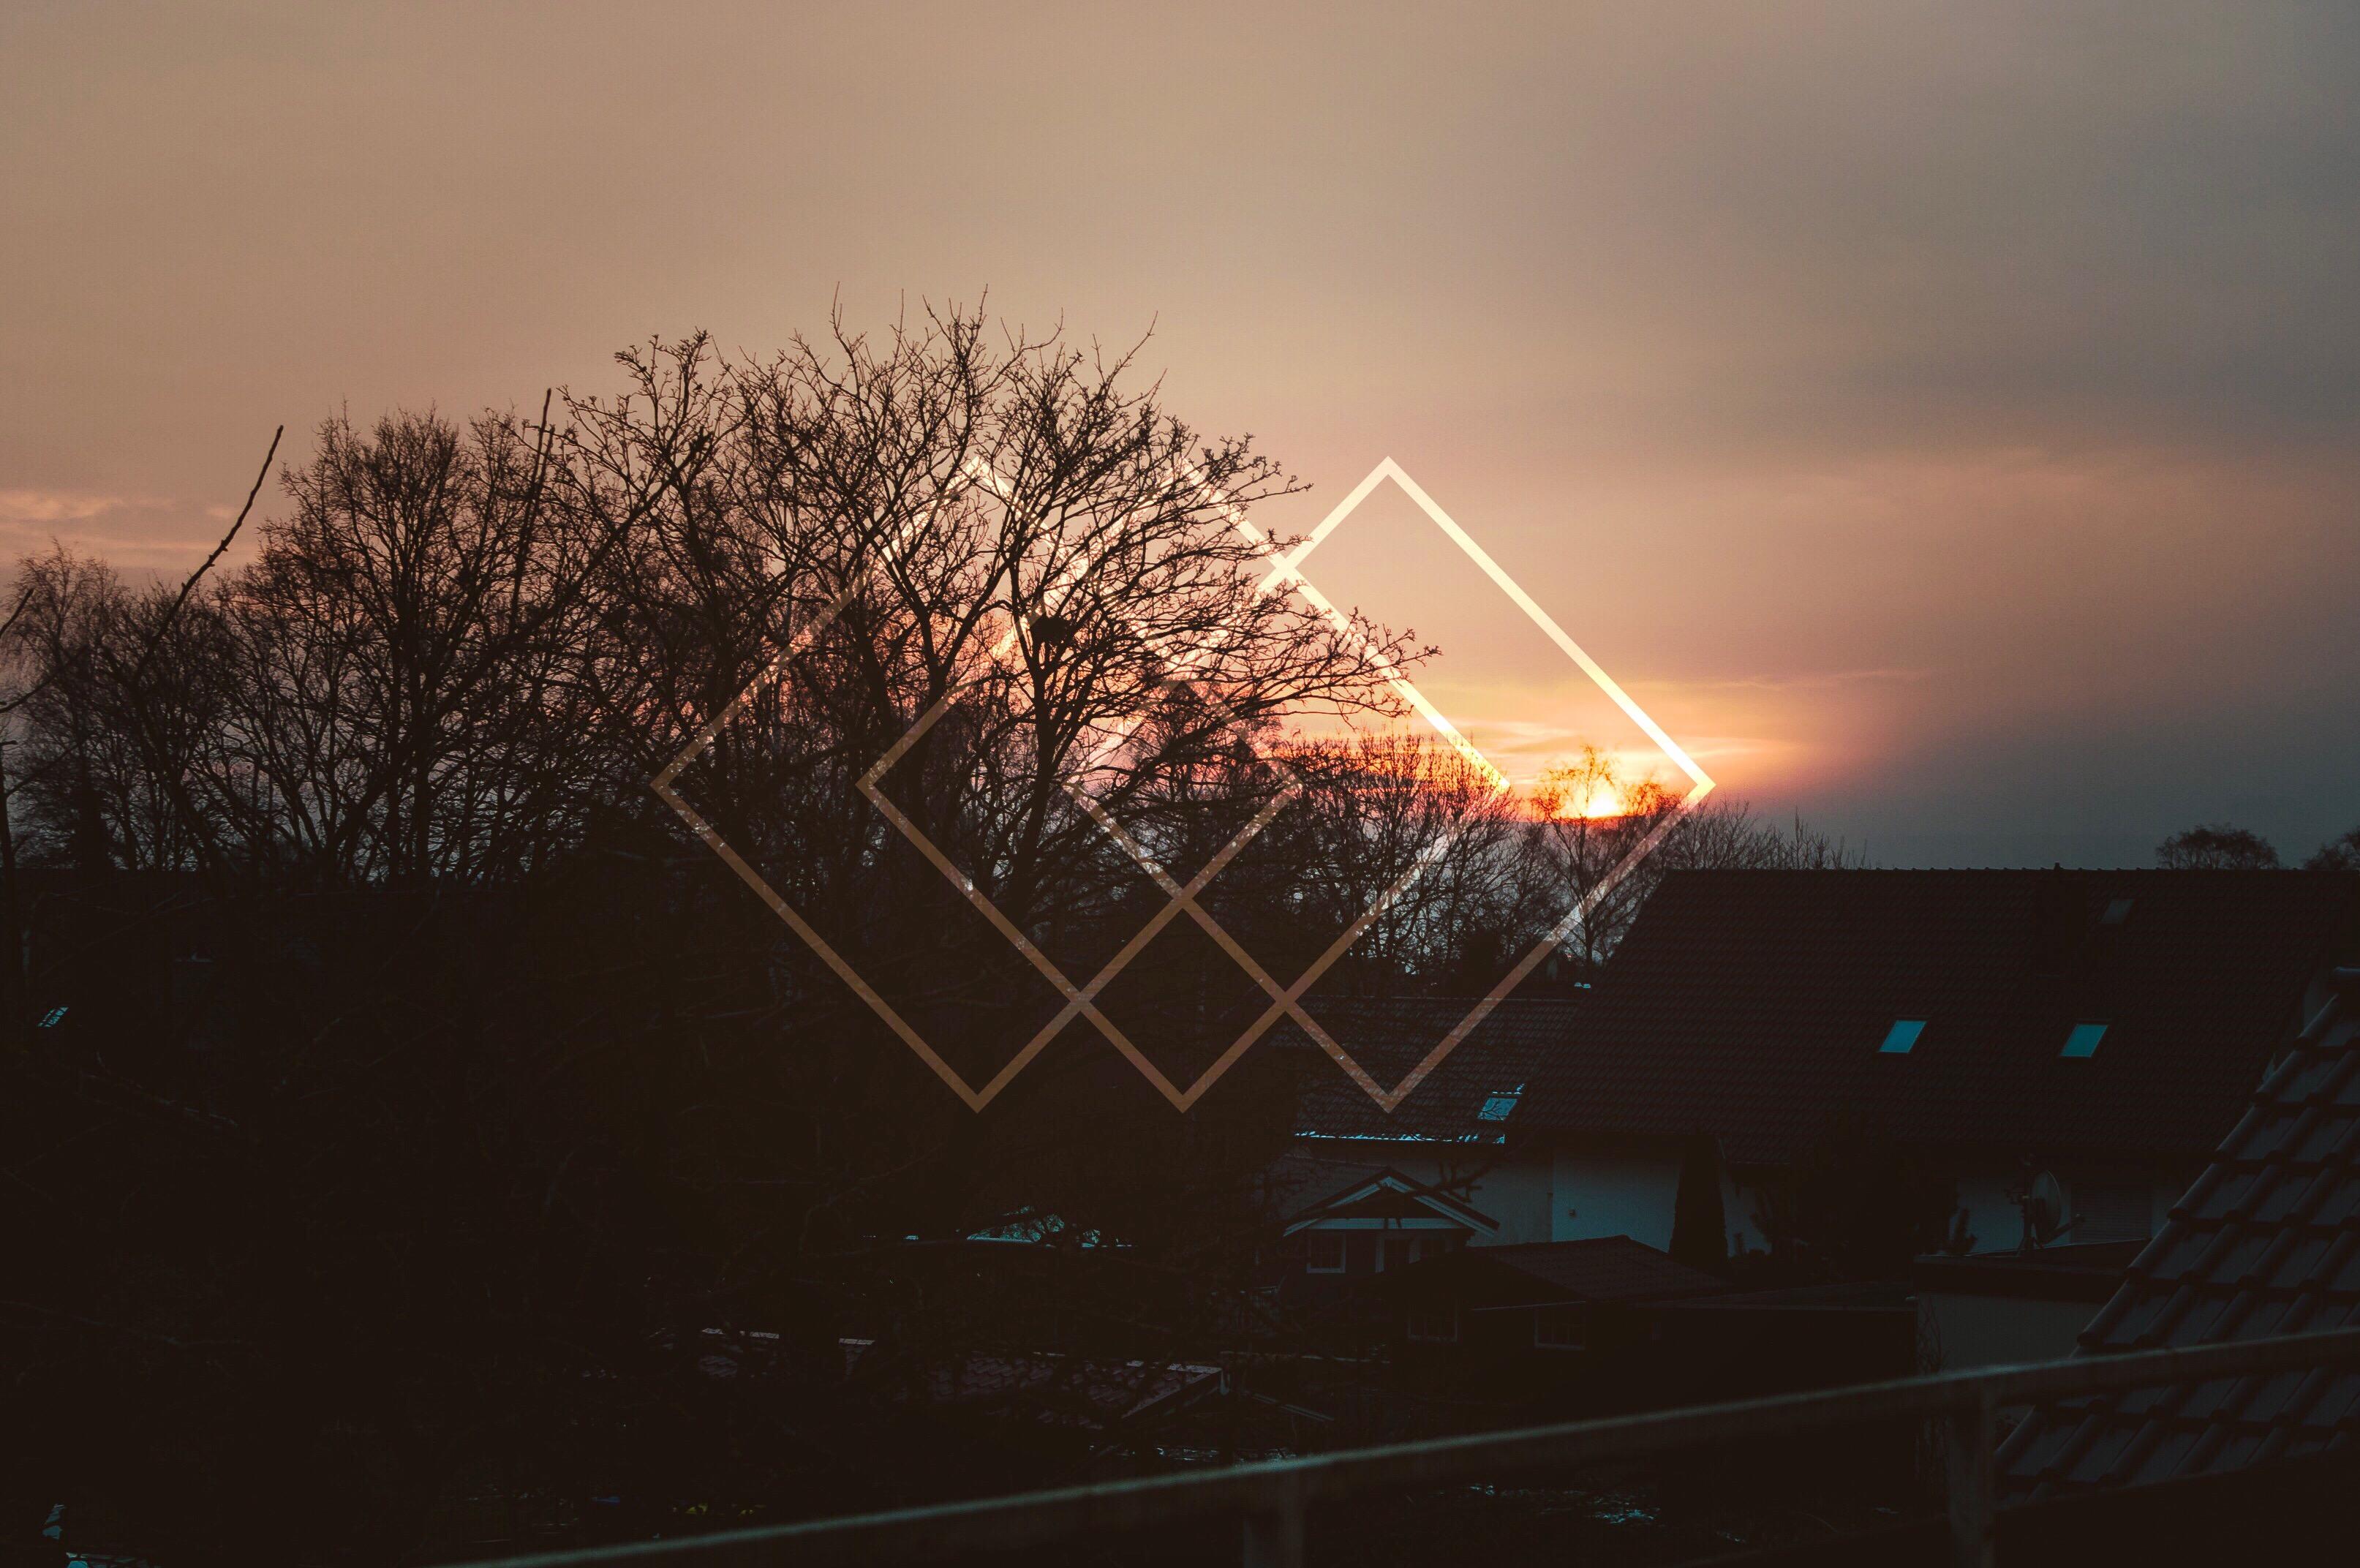 #freetoedit #nature #sunrise #sunshine #geometricshapes #geometry #sunrise_sunsets_aroundworld #naturephotography #moodyskies #moodytones #moodygram #moody